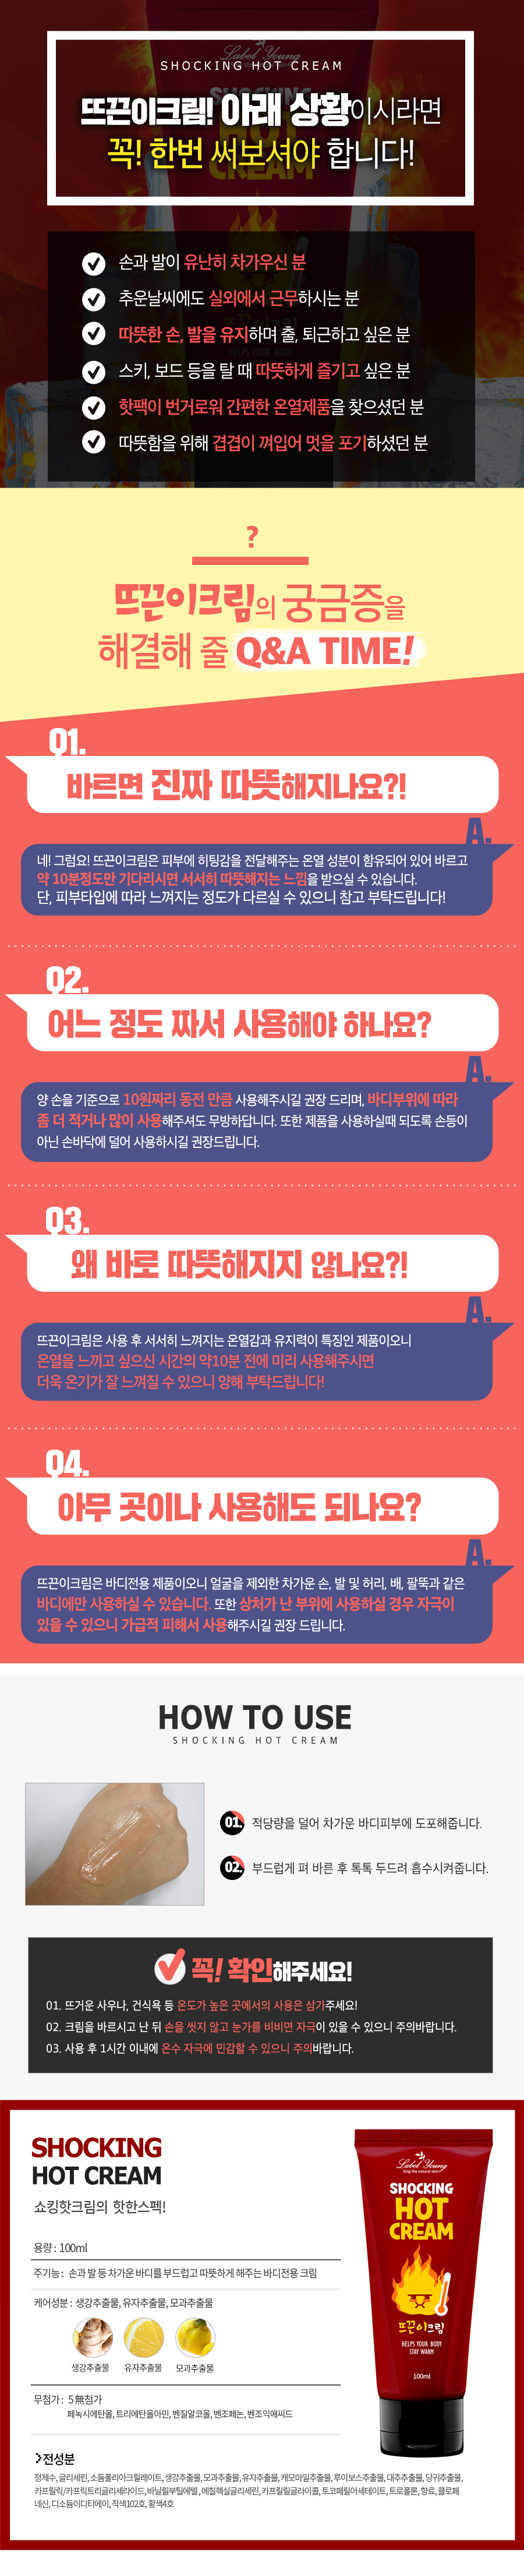 쇼킹핫크림(뜨끈이크림) - 라벨영, 22,000원, 바디케어, 핸드/풋크림